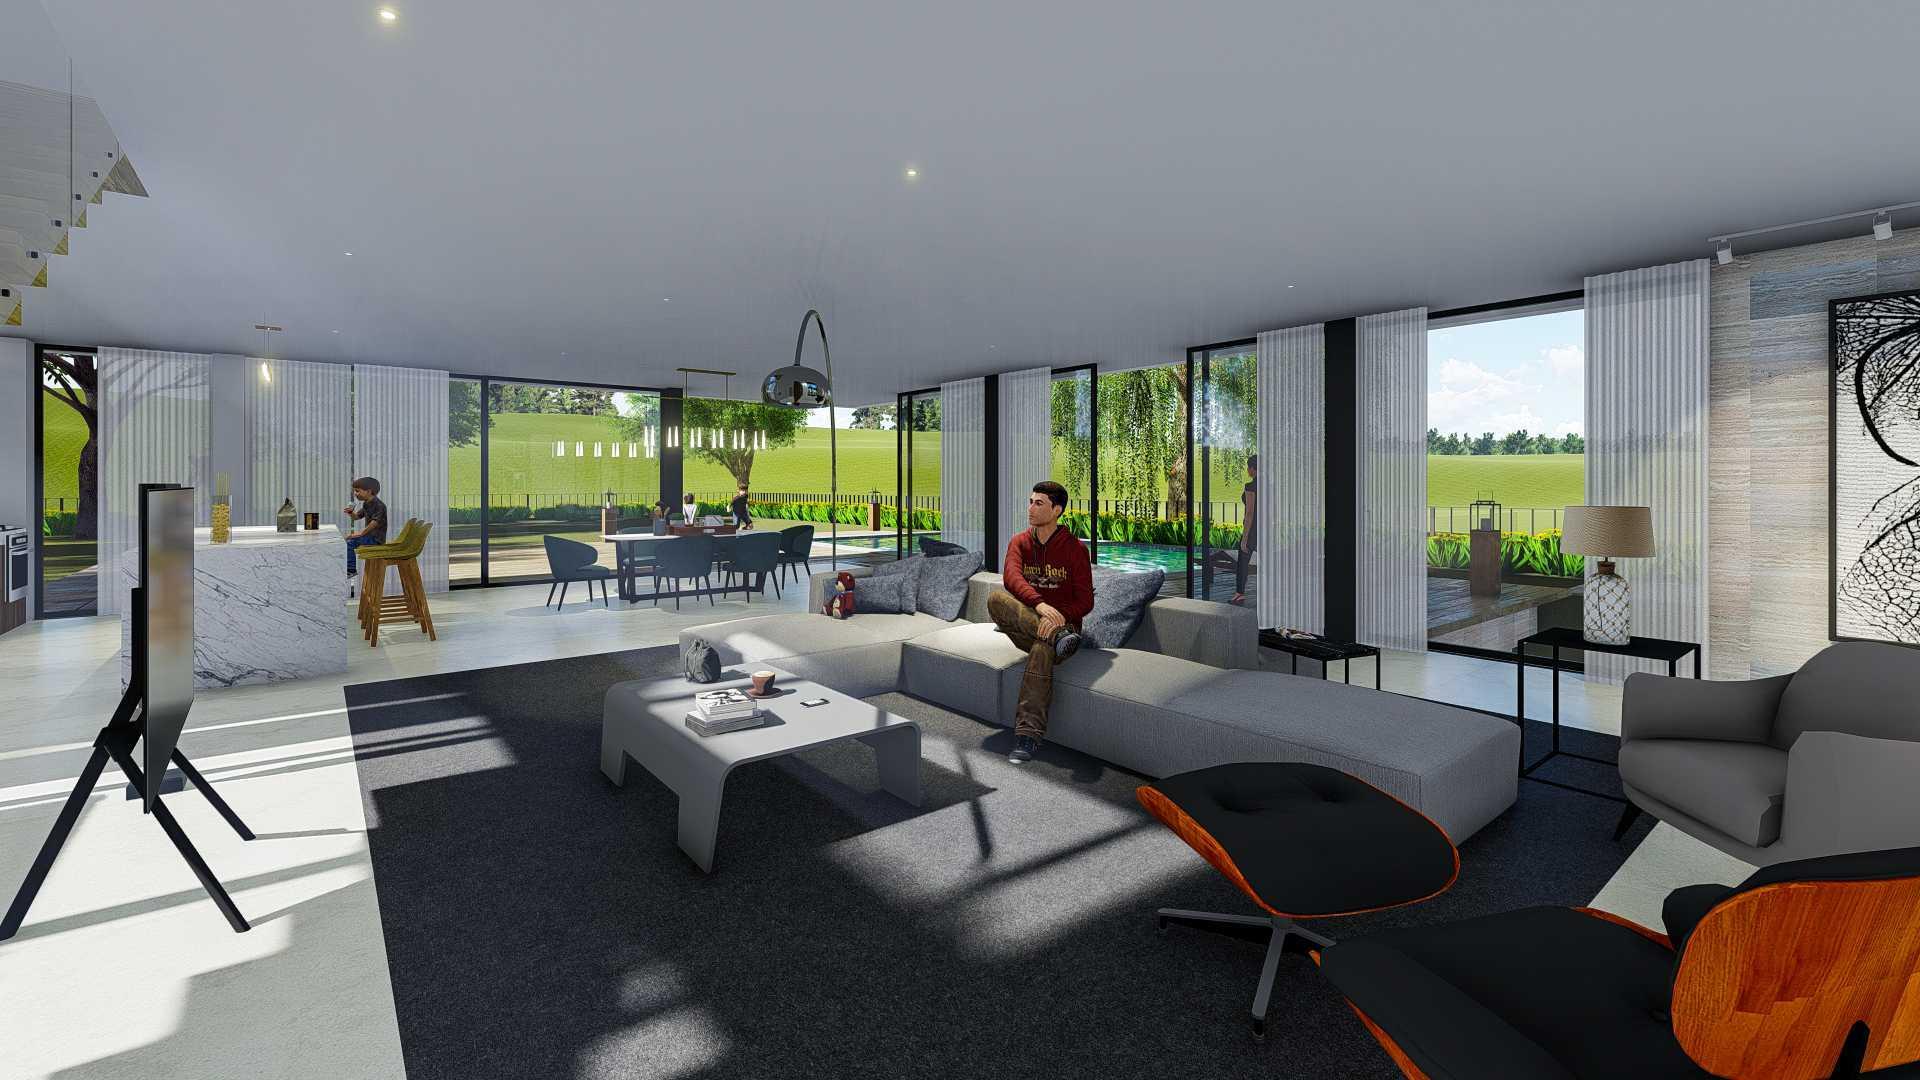 Bral Architect Alpen House In Germany 46519 Alpen, Jerman 46519 Alpen, Jerman Bral-Architect-Alpen-House-In-Germany  99889